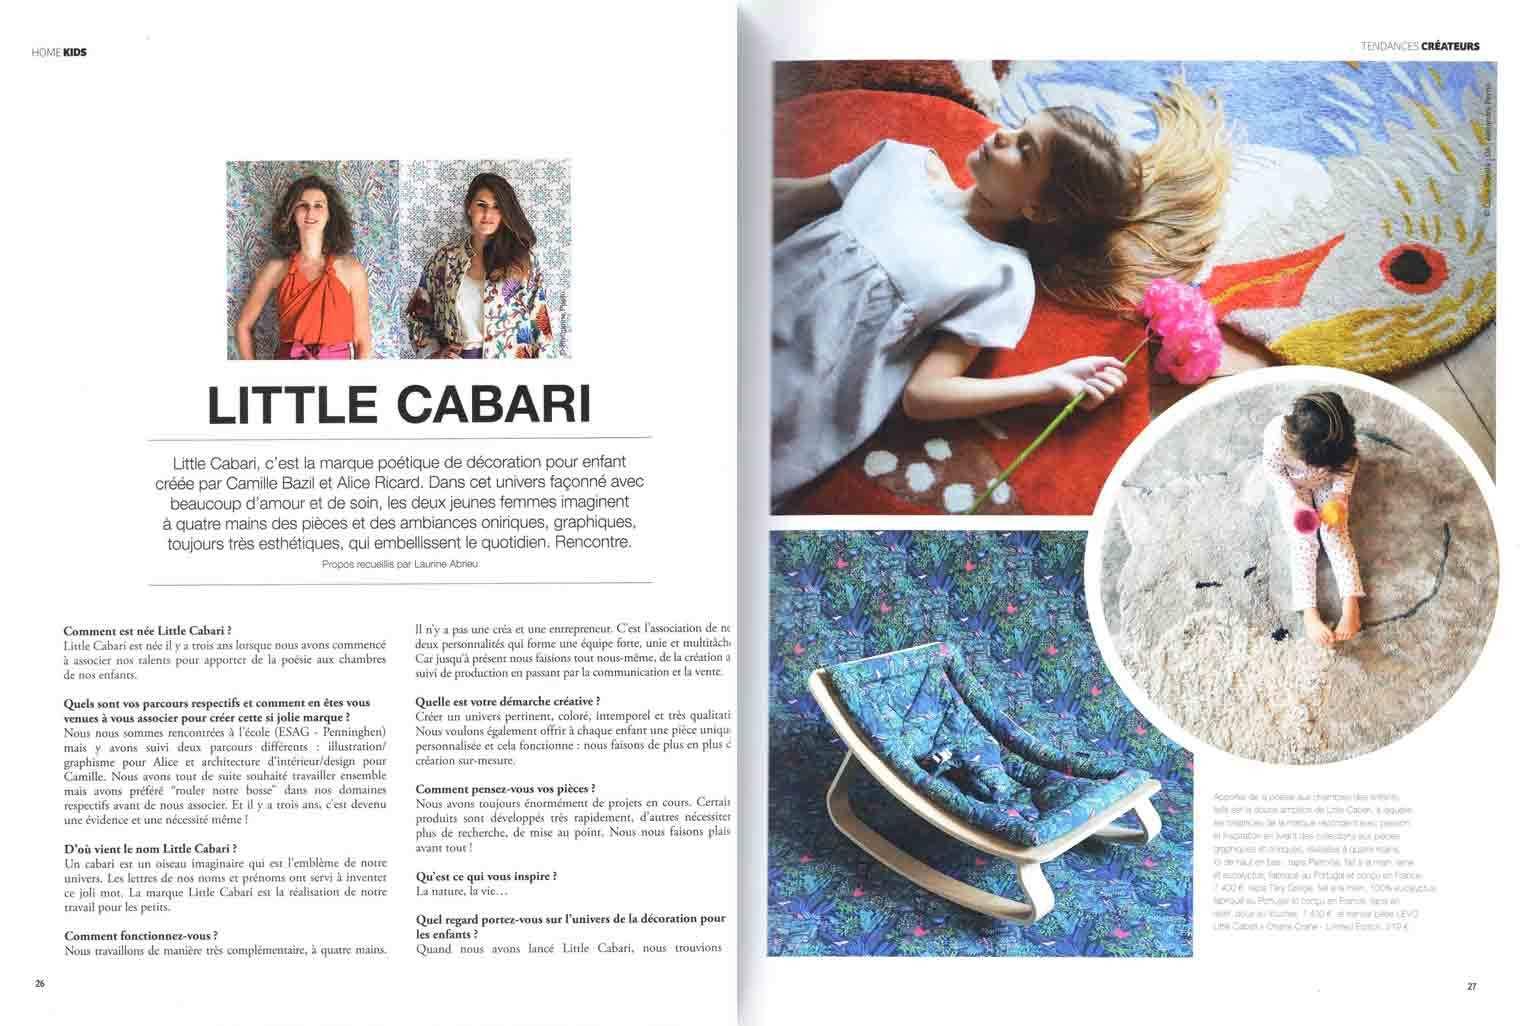 Présentation de Little Cabari dans Home Kids